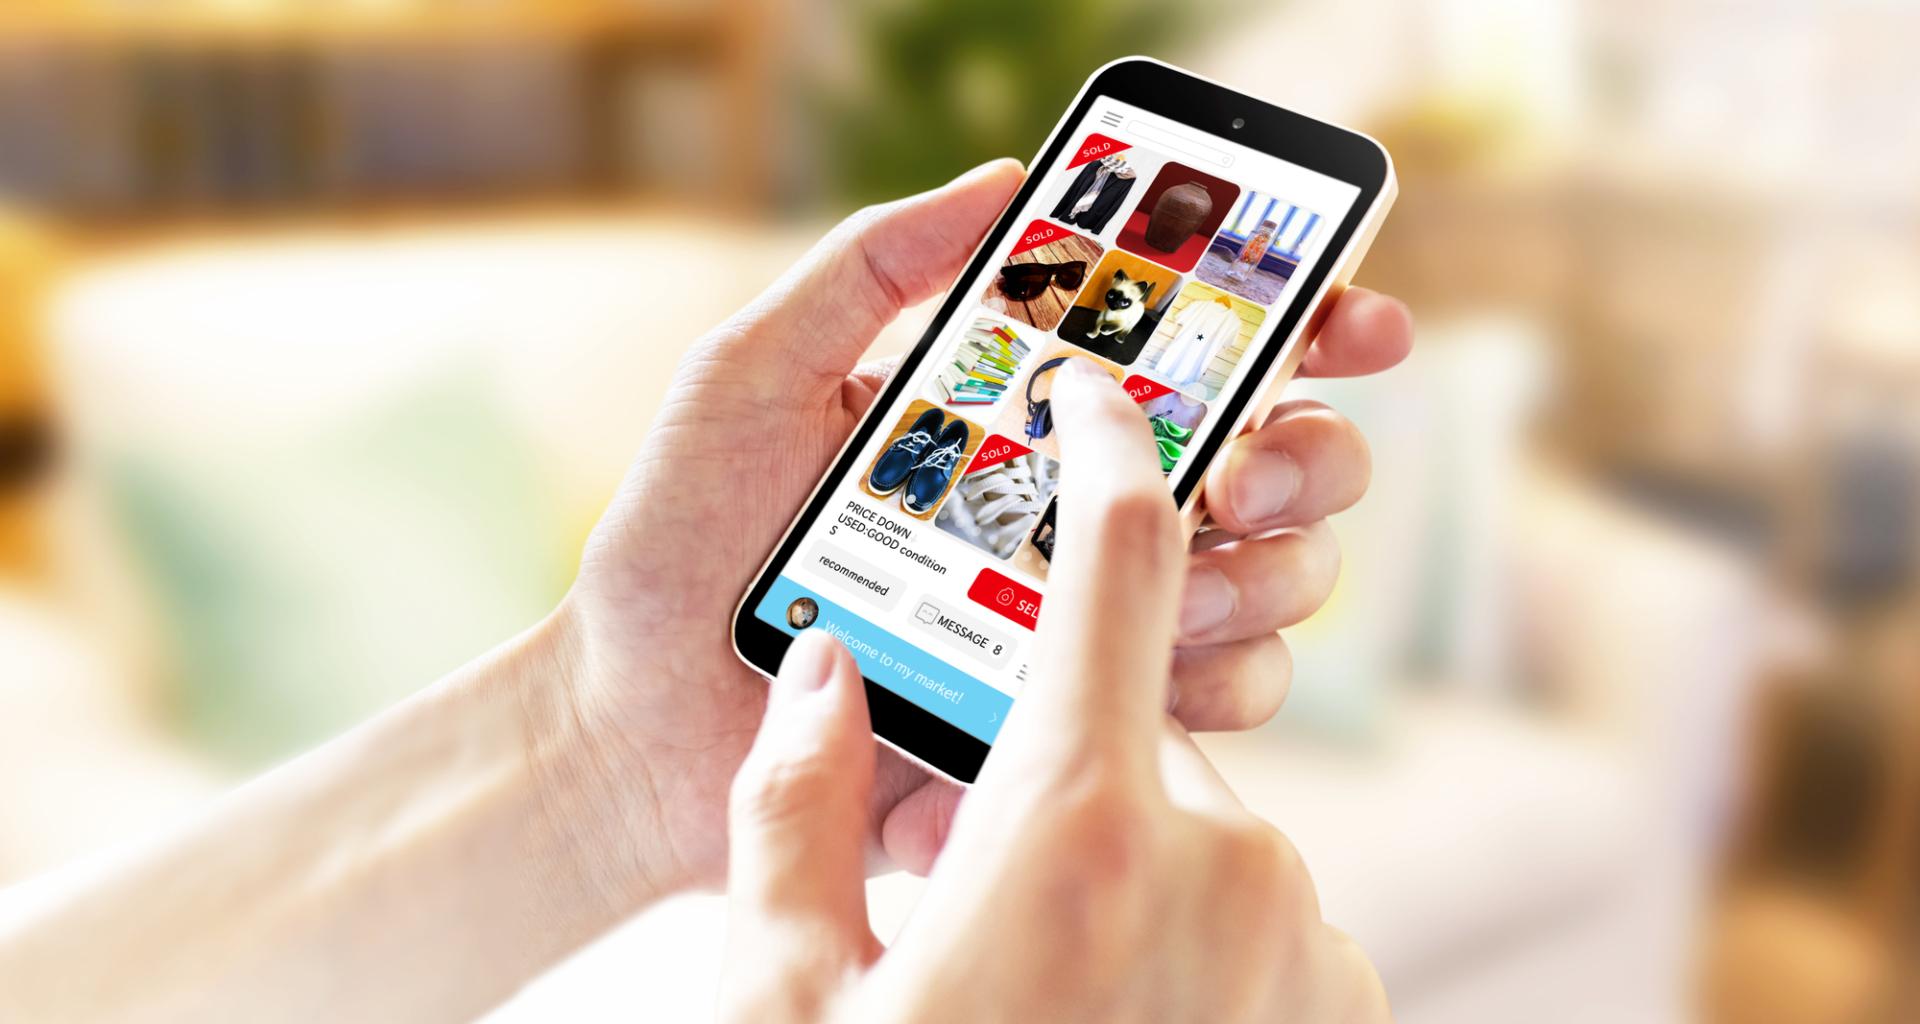 ứng dụng mua bán đồ cũ Mercari